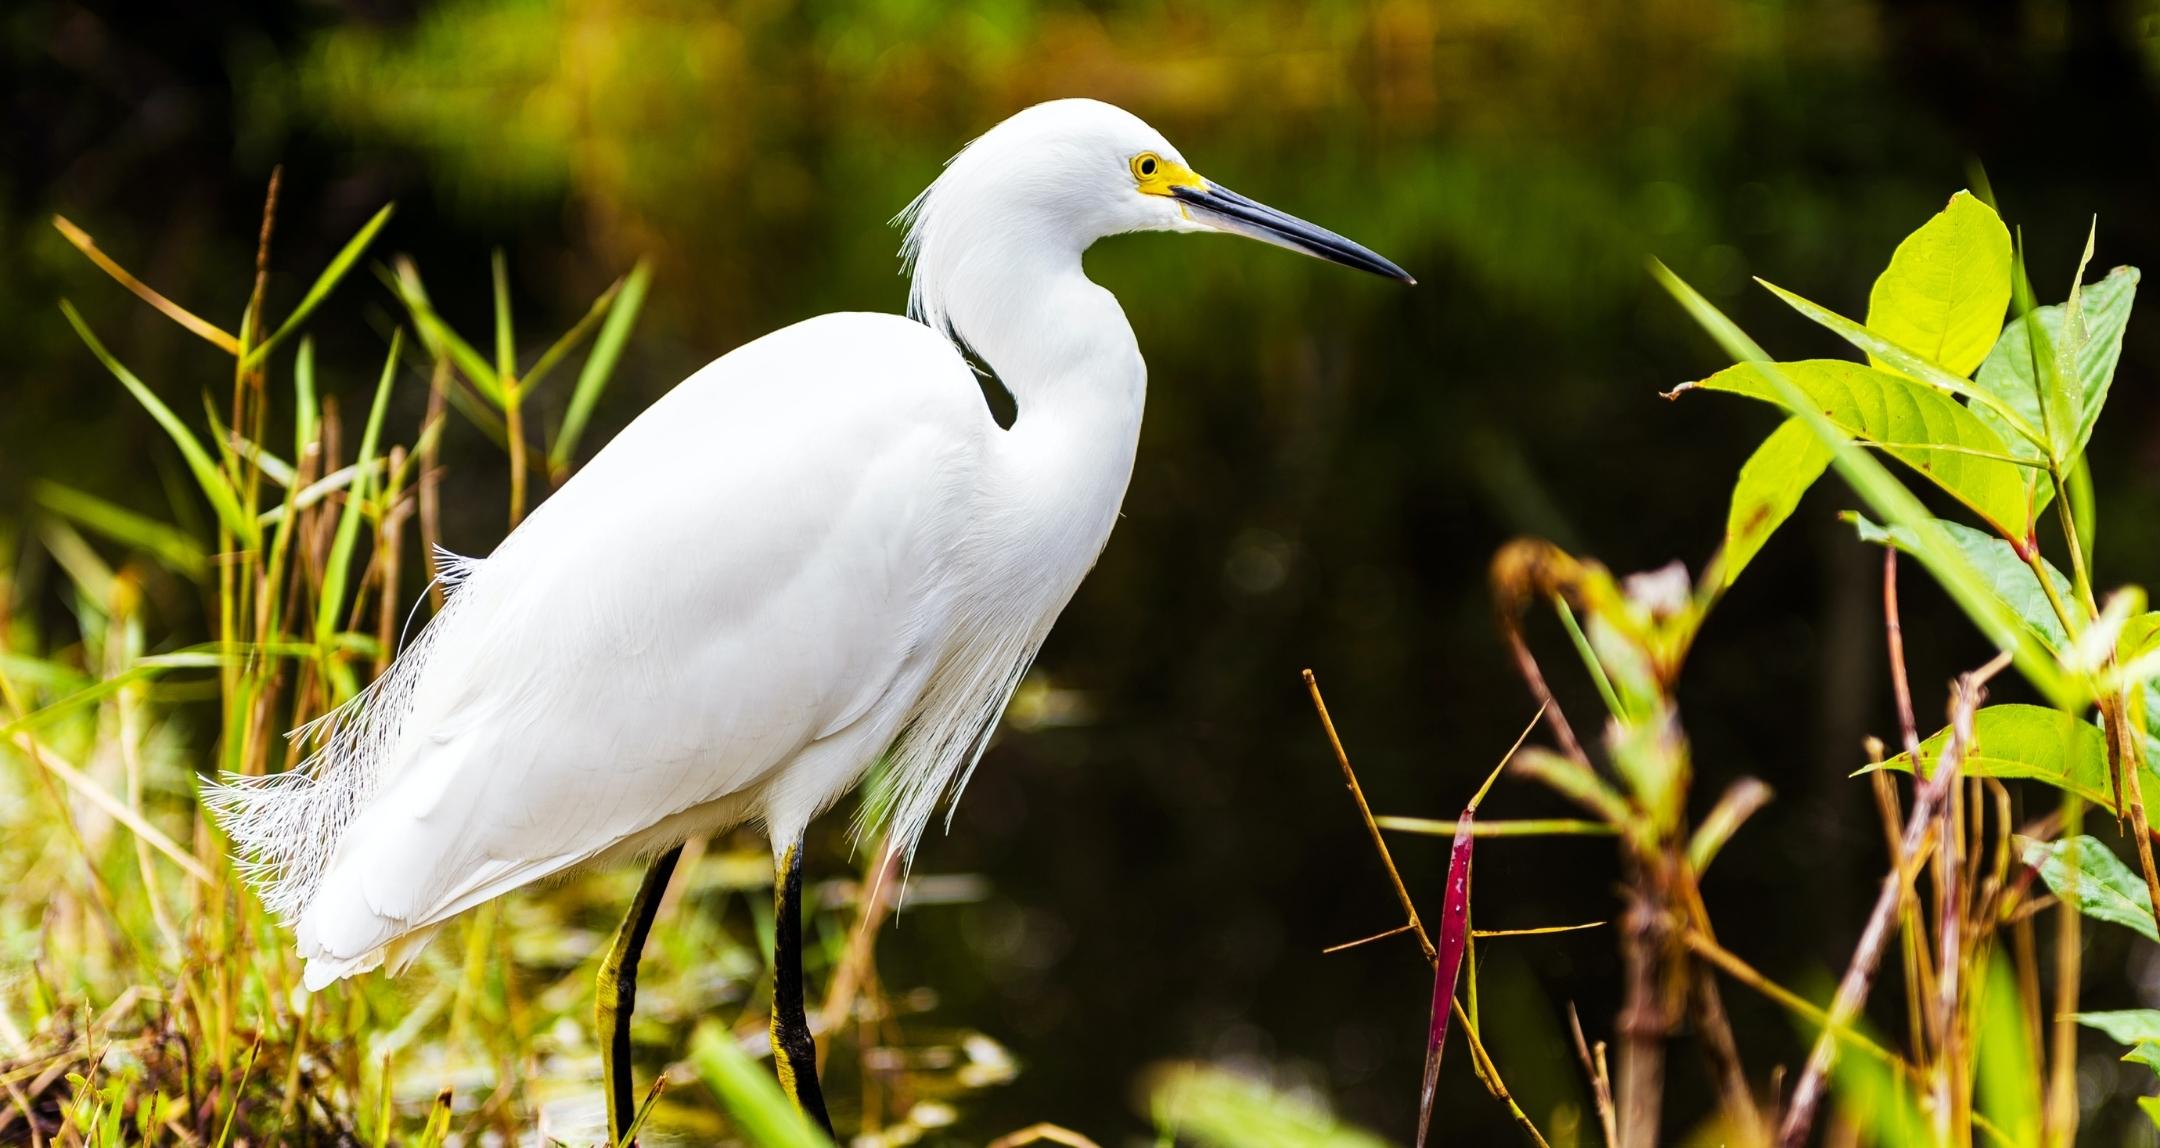 White bird in everglades.